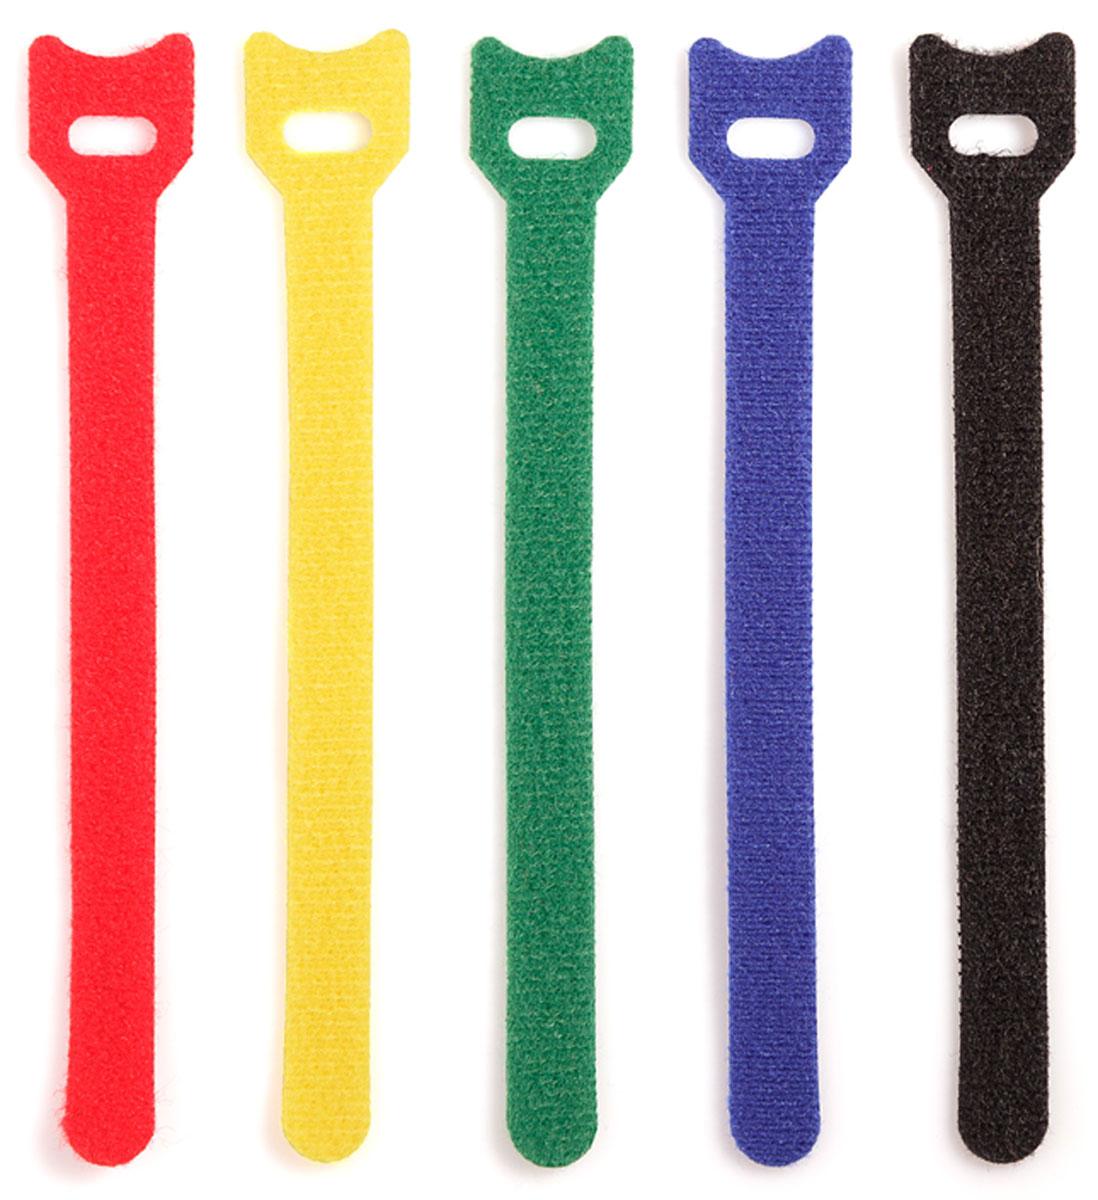 Pro Legend PL9600, Color стяжка для кабеля 150 мм х 12 мм 5 шт